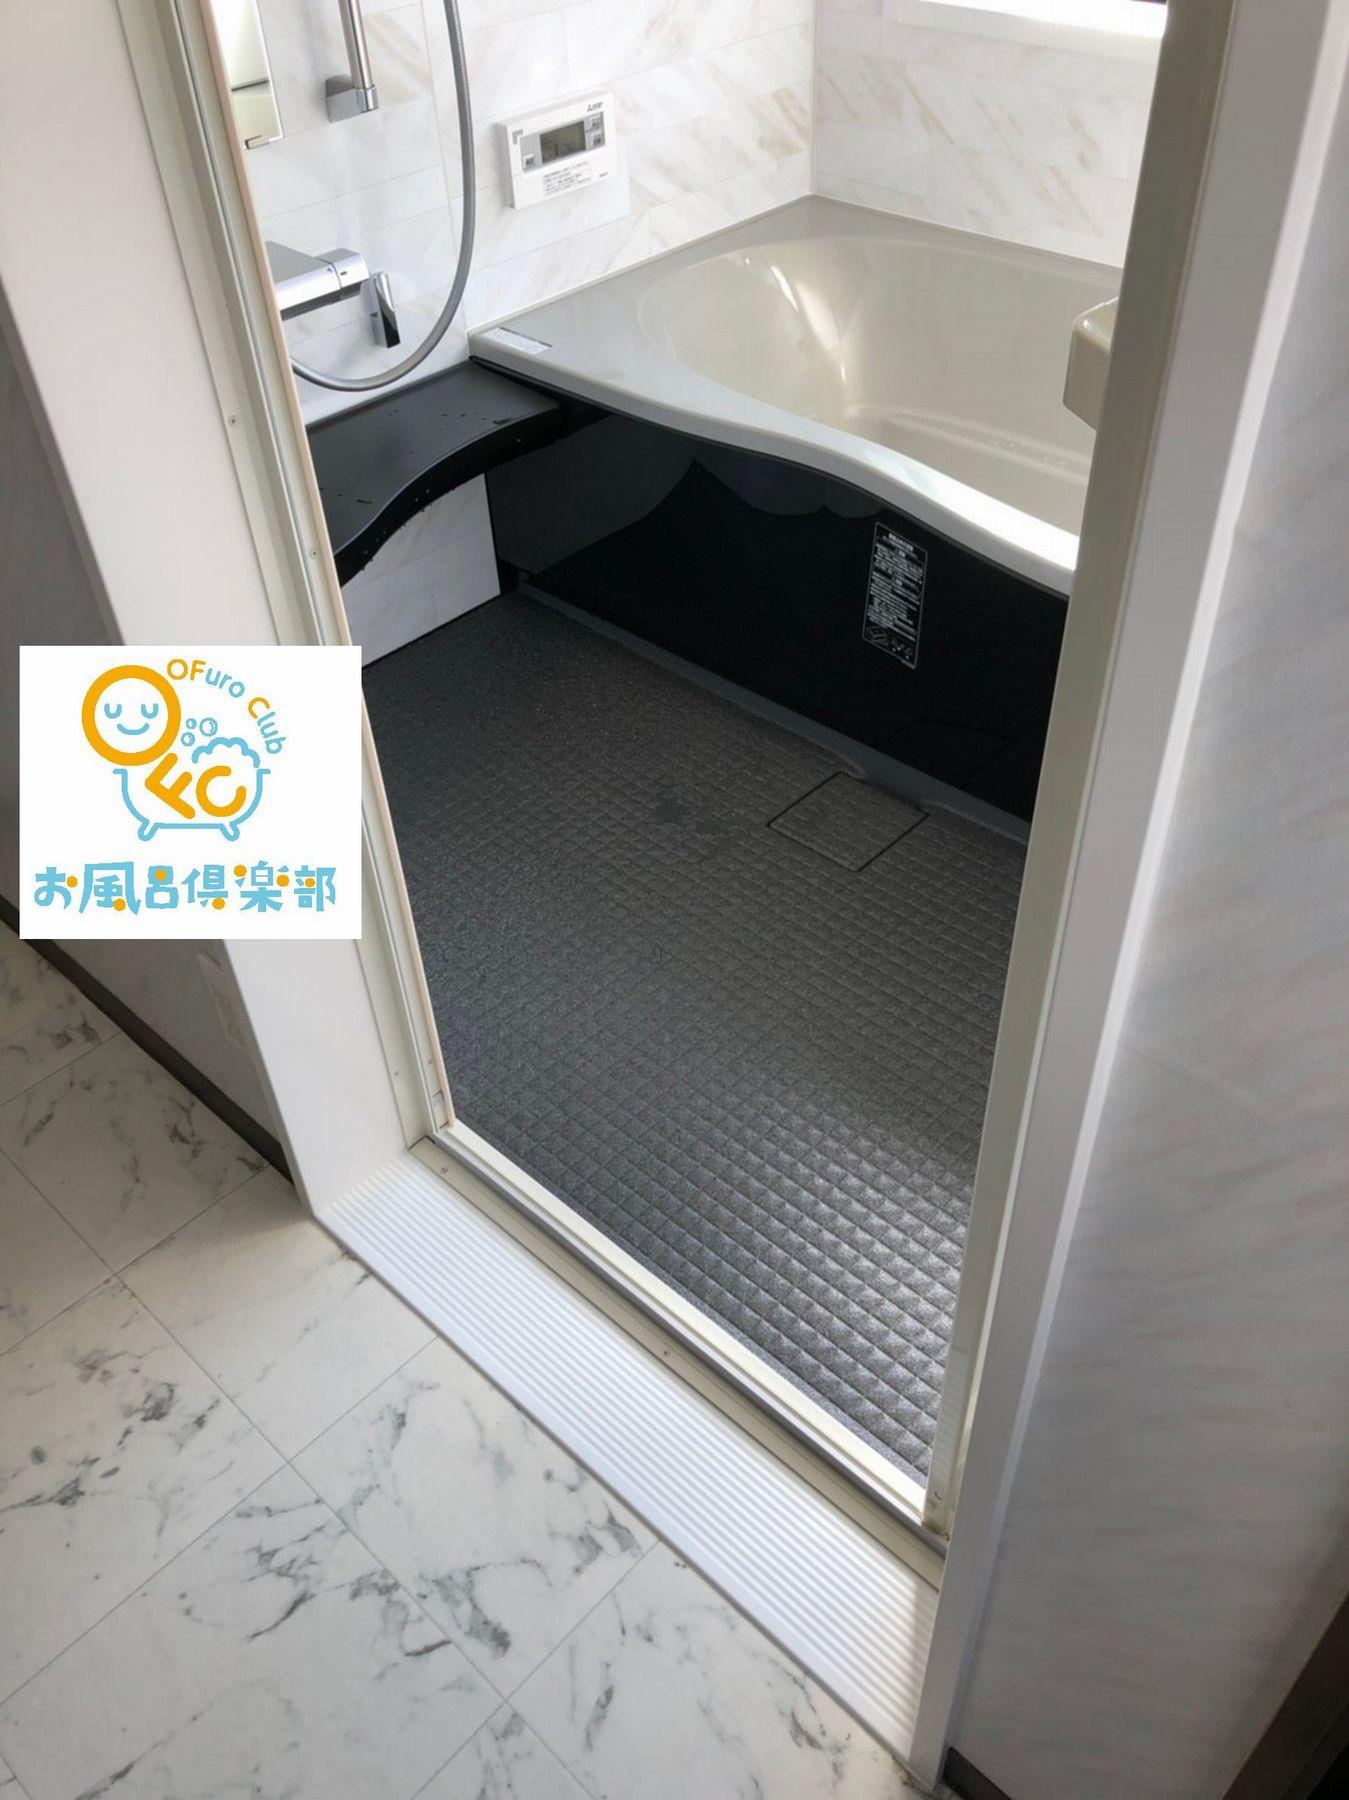 和泉市S様邸 浴室・洗面台リフォーム 施工after写真